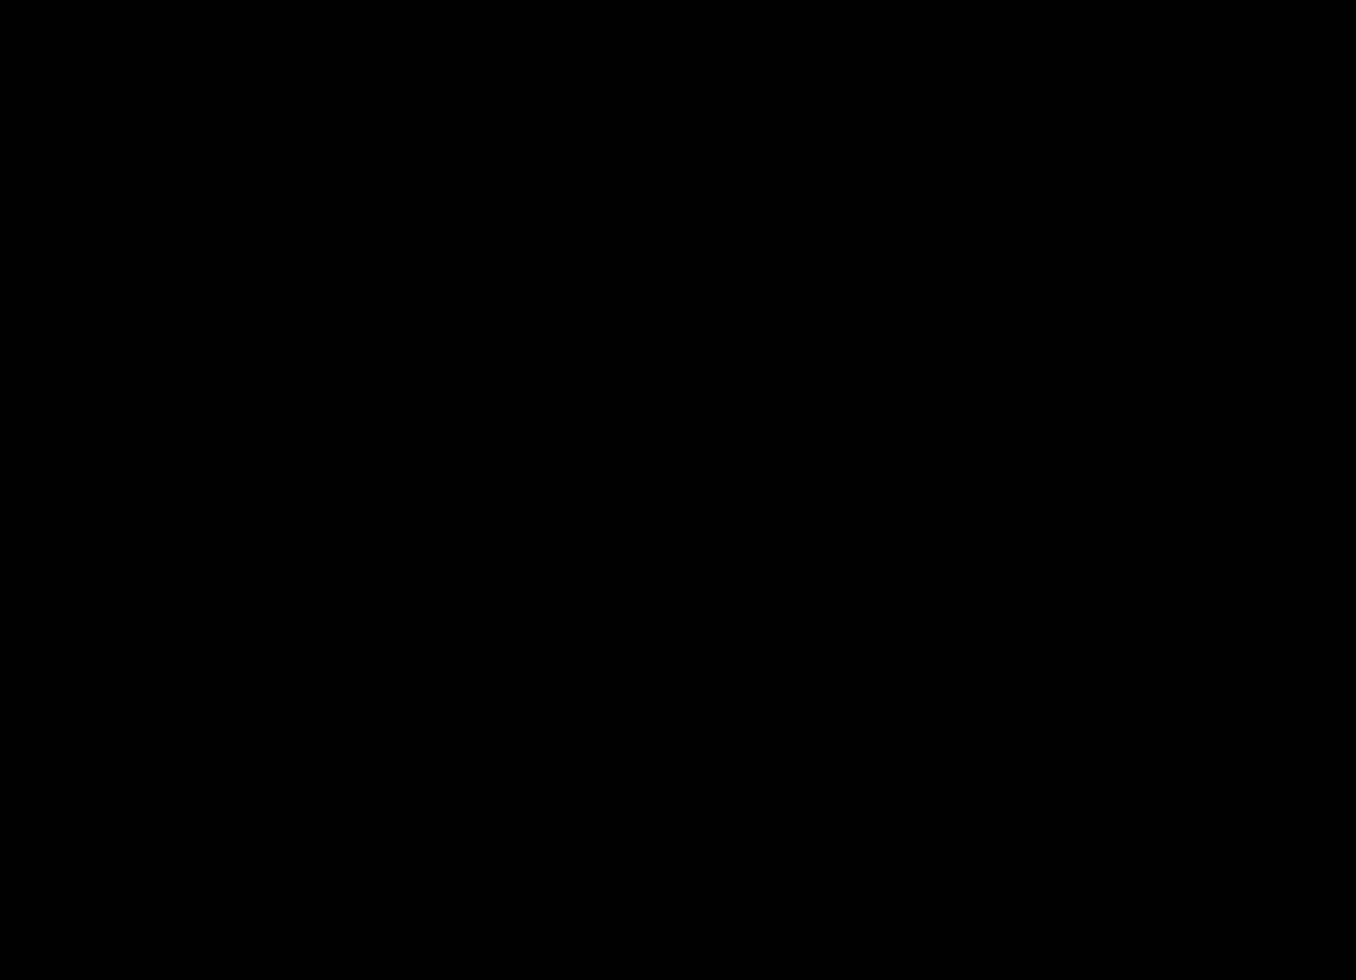 Forro ECOMIN Filigran (1250x625x13)MM – Cx. 9,375M²